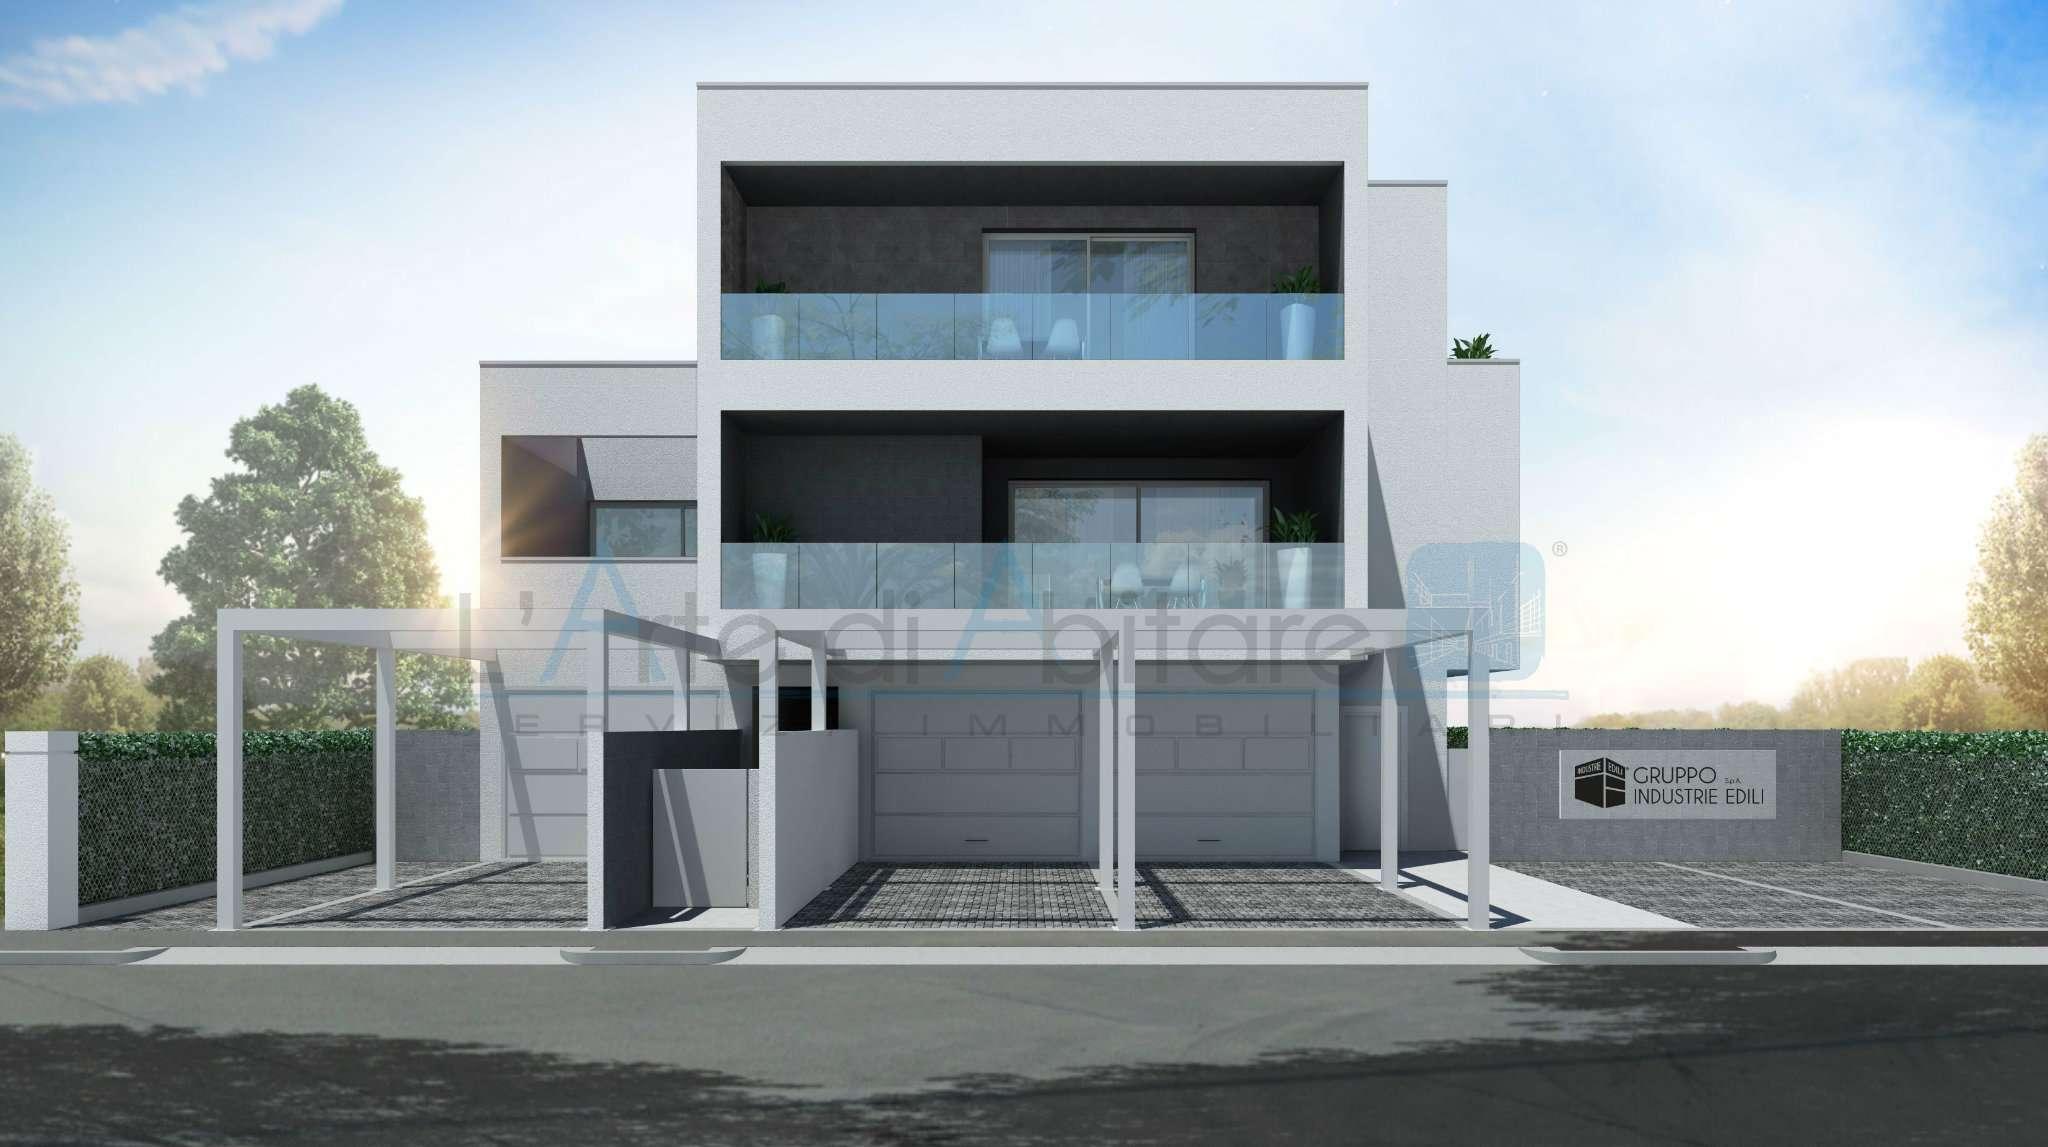 Appartamento in vendita a Piove di Sacco, 5 locali, prezzo € 250.000 | Cambio Casa.it